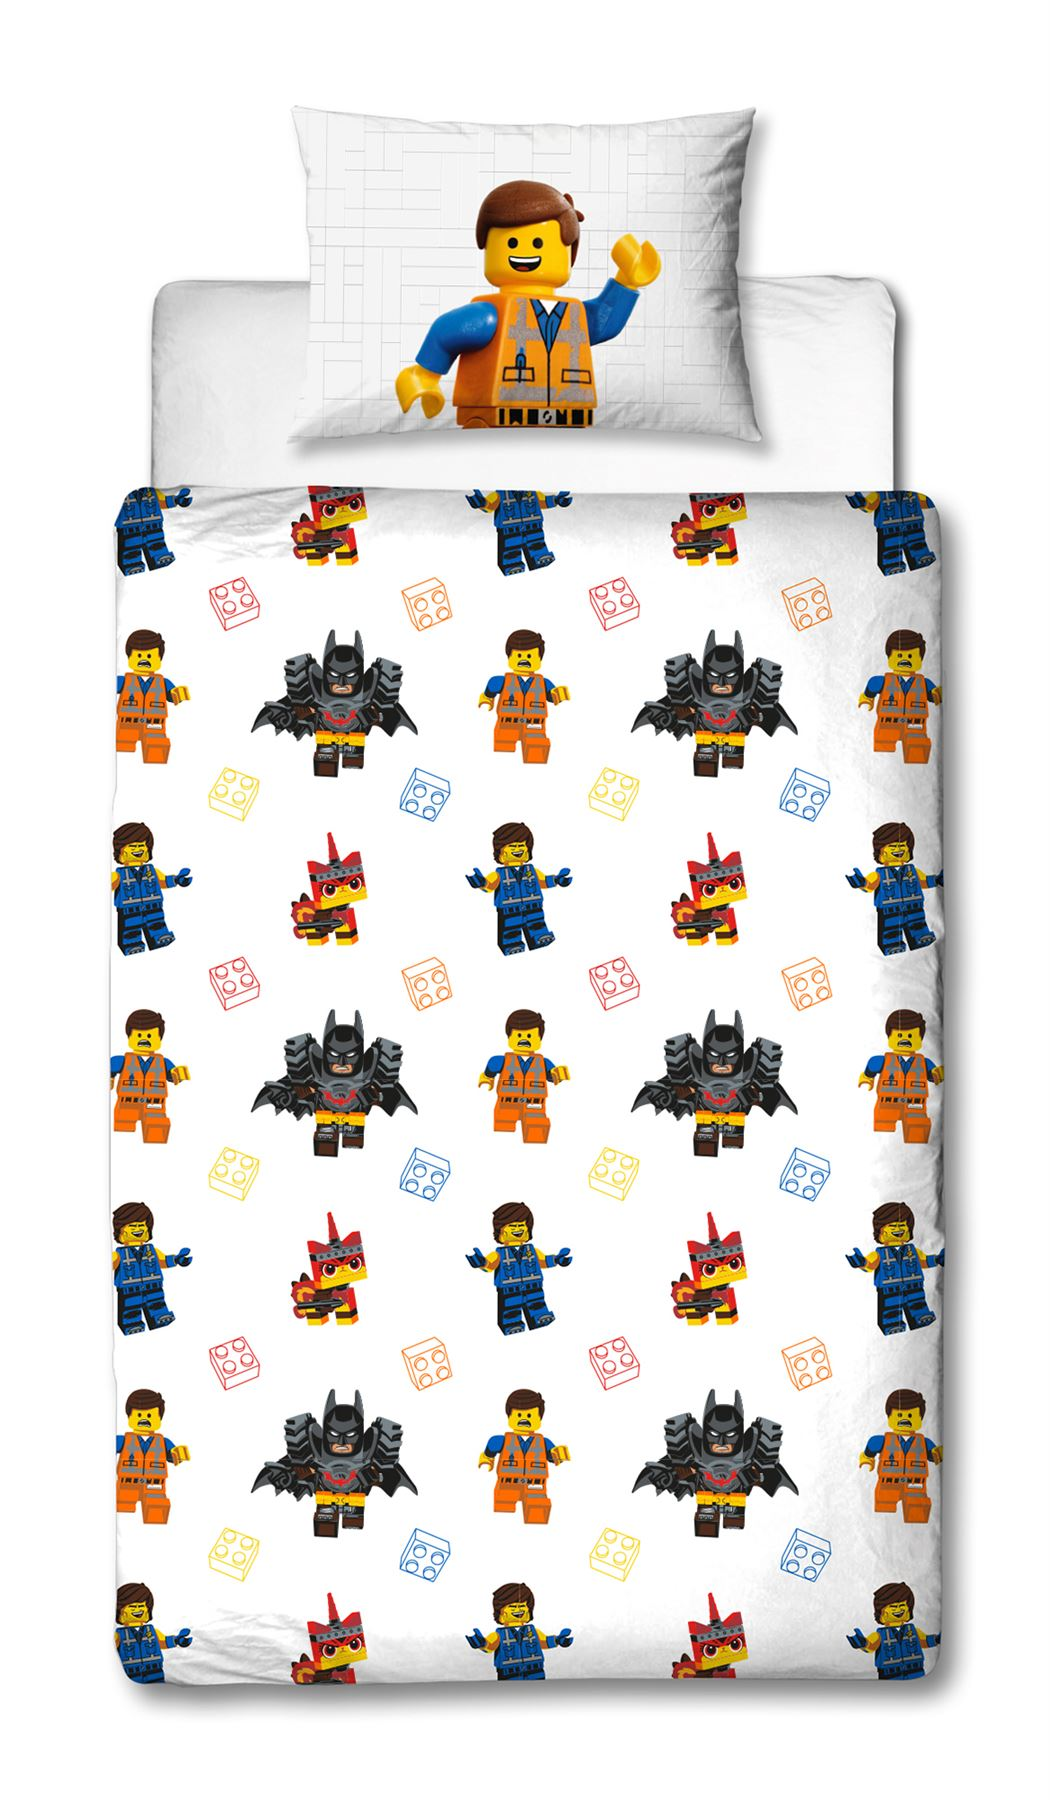 Official-Licensed-Lego-Duvet-Bedding-Ninjago-Batman-Star-Wars-Jurassic thumbnail 25